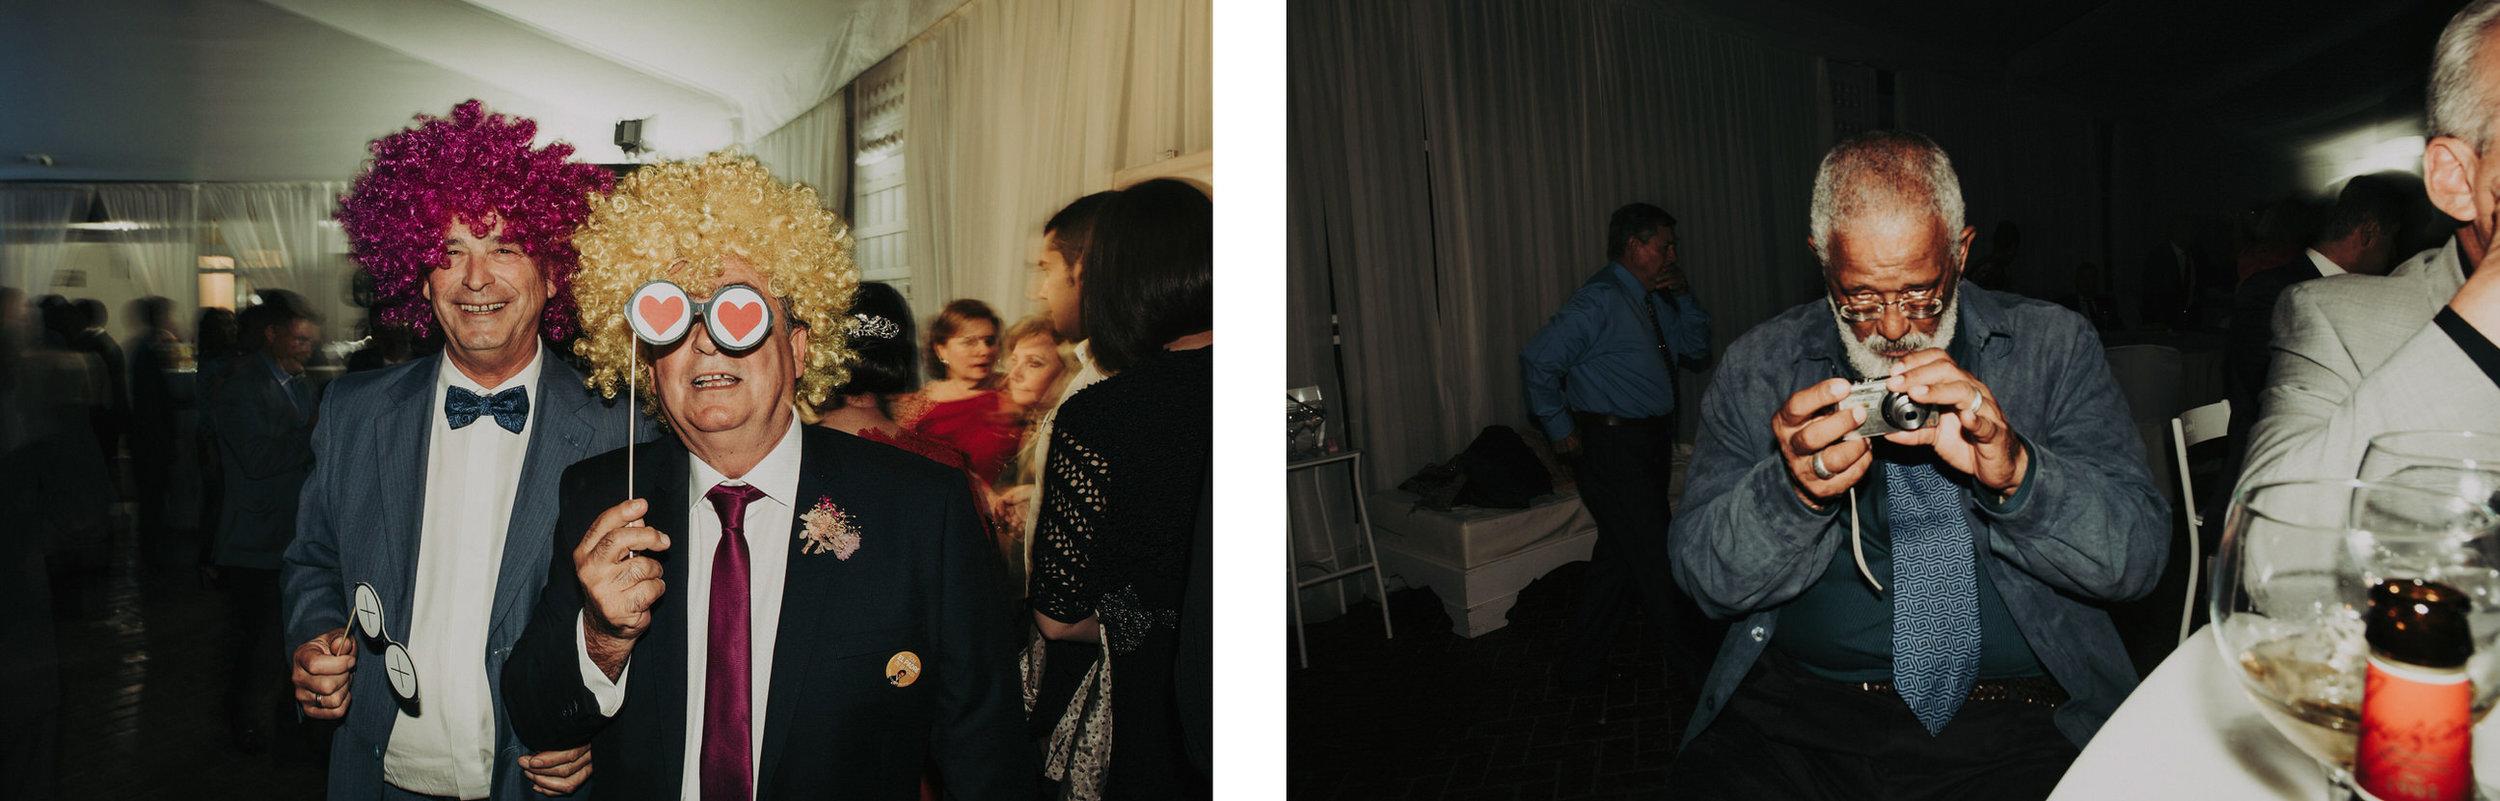 Laura & Rubén - boda en utrera - Santa clotilde- Manolo mayo - Fotografo de boda - Andrés Amarillo (1).jpg